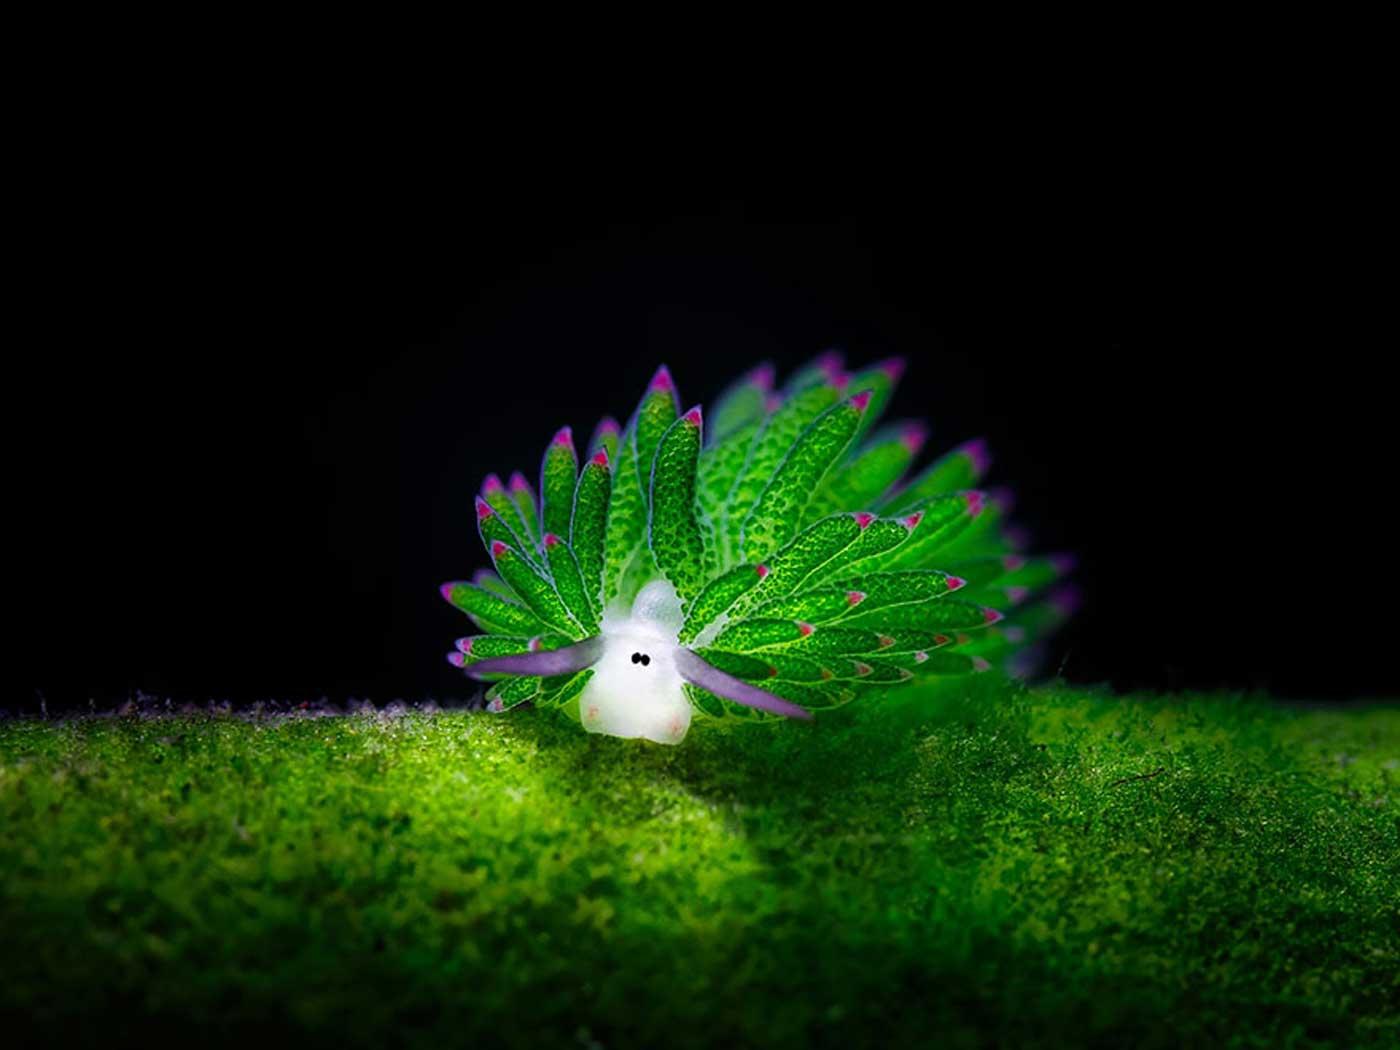 leaf-sheep-sea-slug-costasiella-kuroshimae-3.jpg